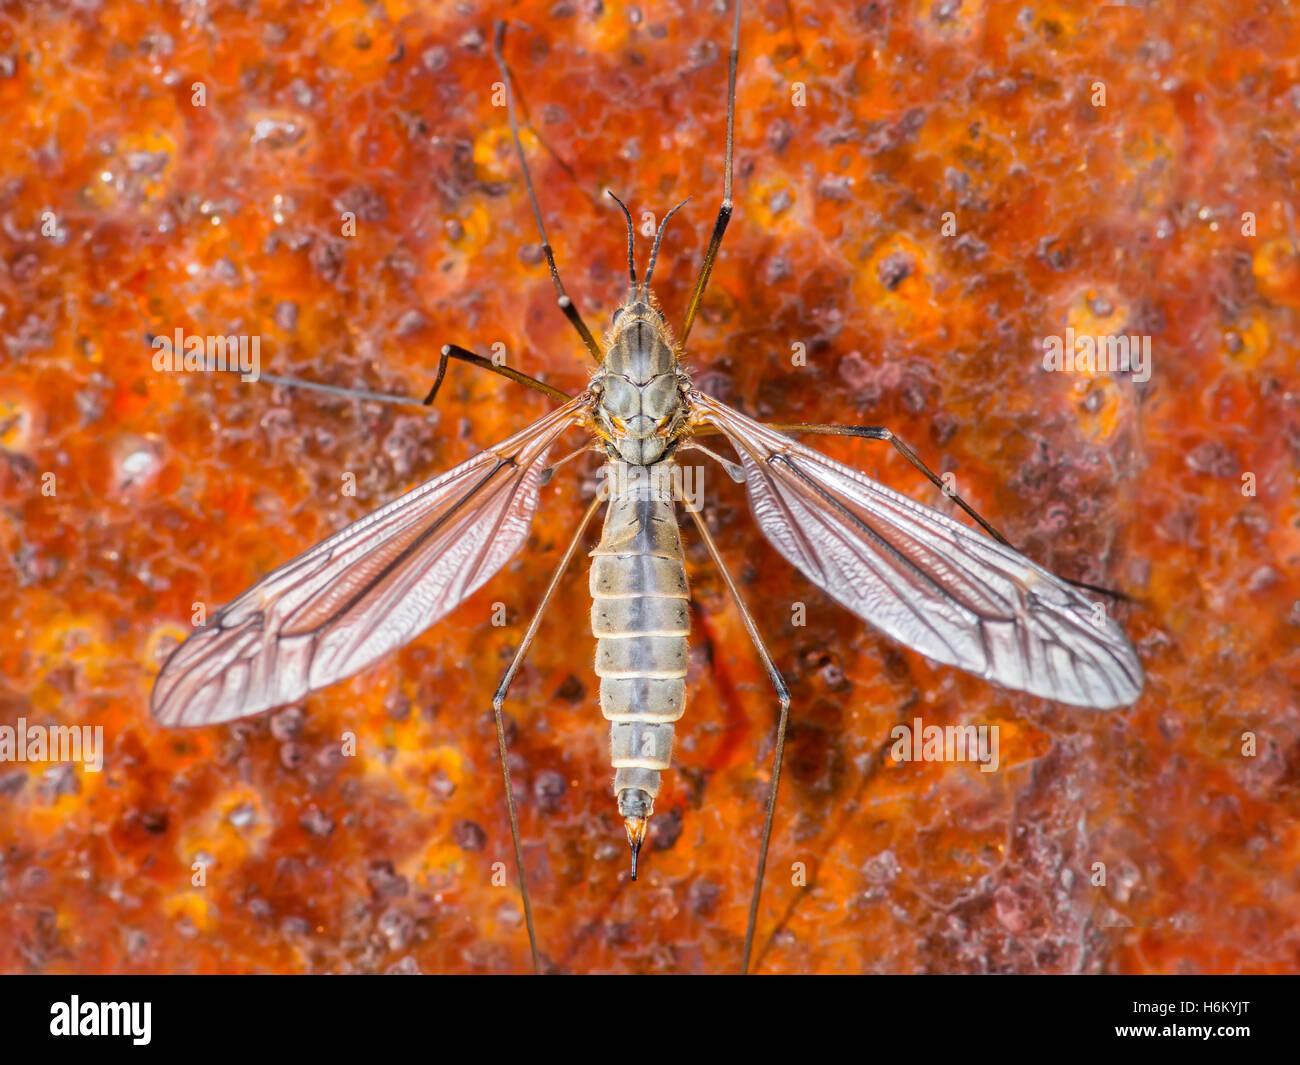 Zika Virus Mosquito on Red Background - Stock Image